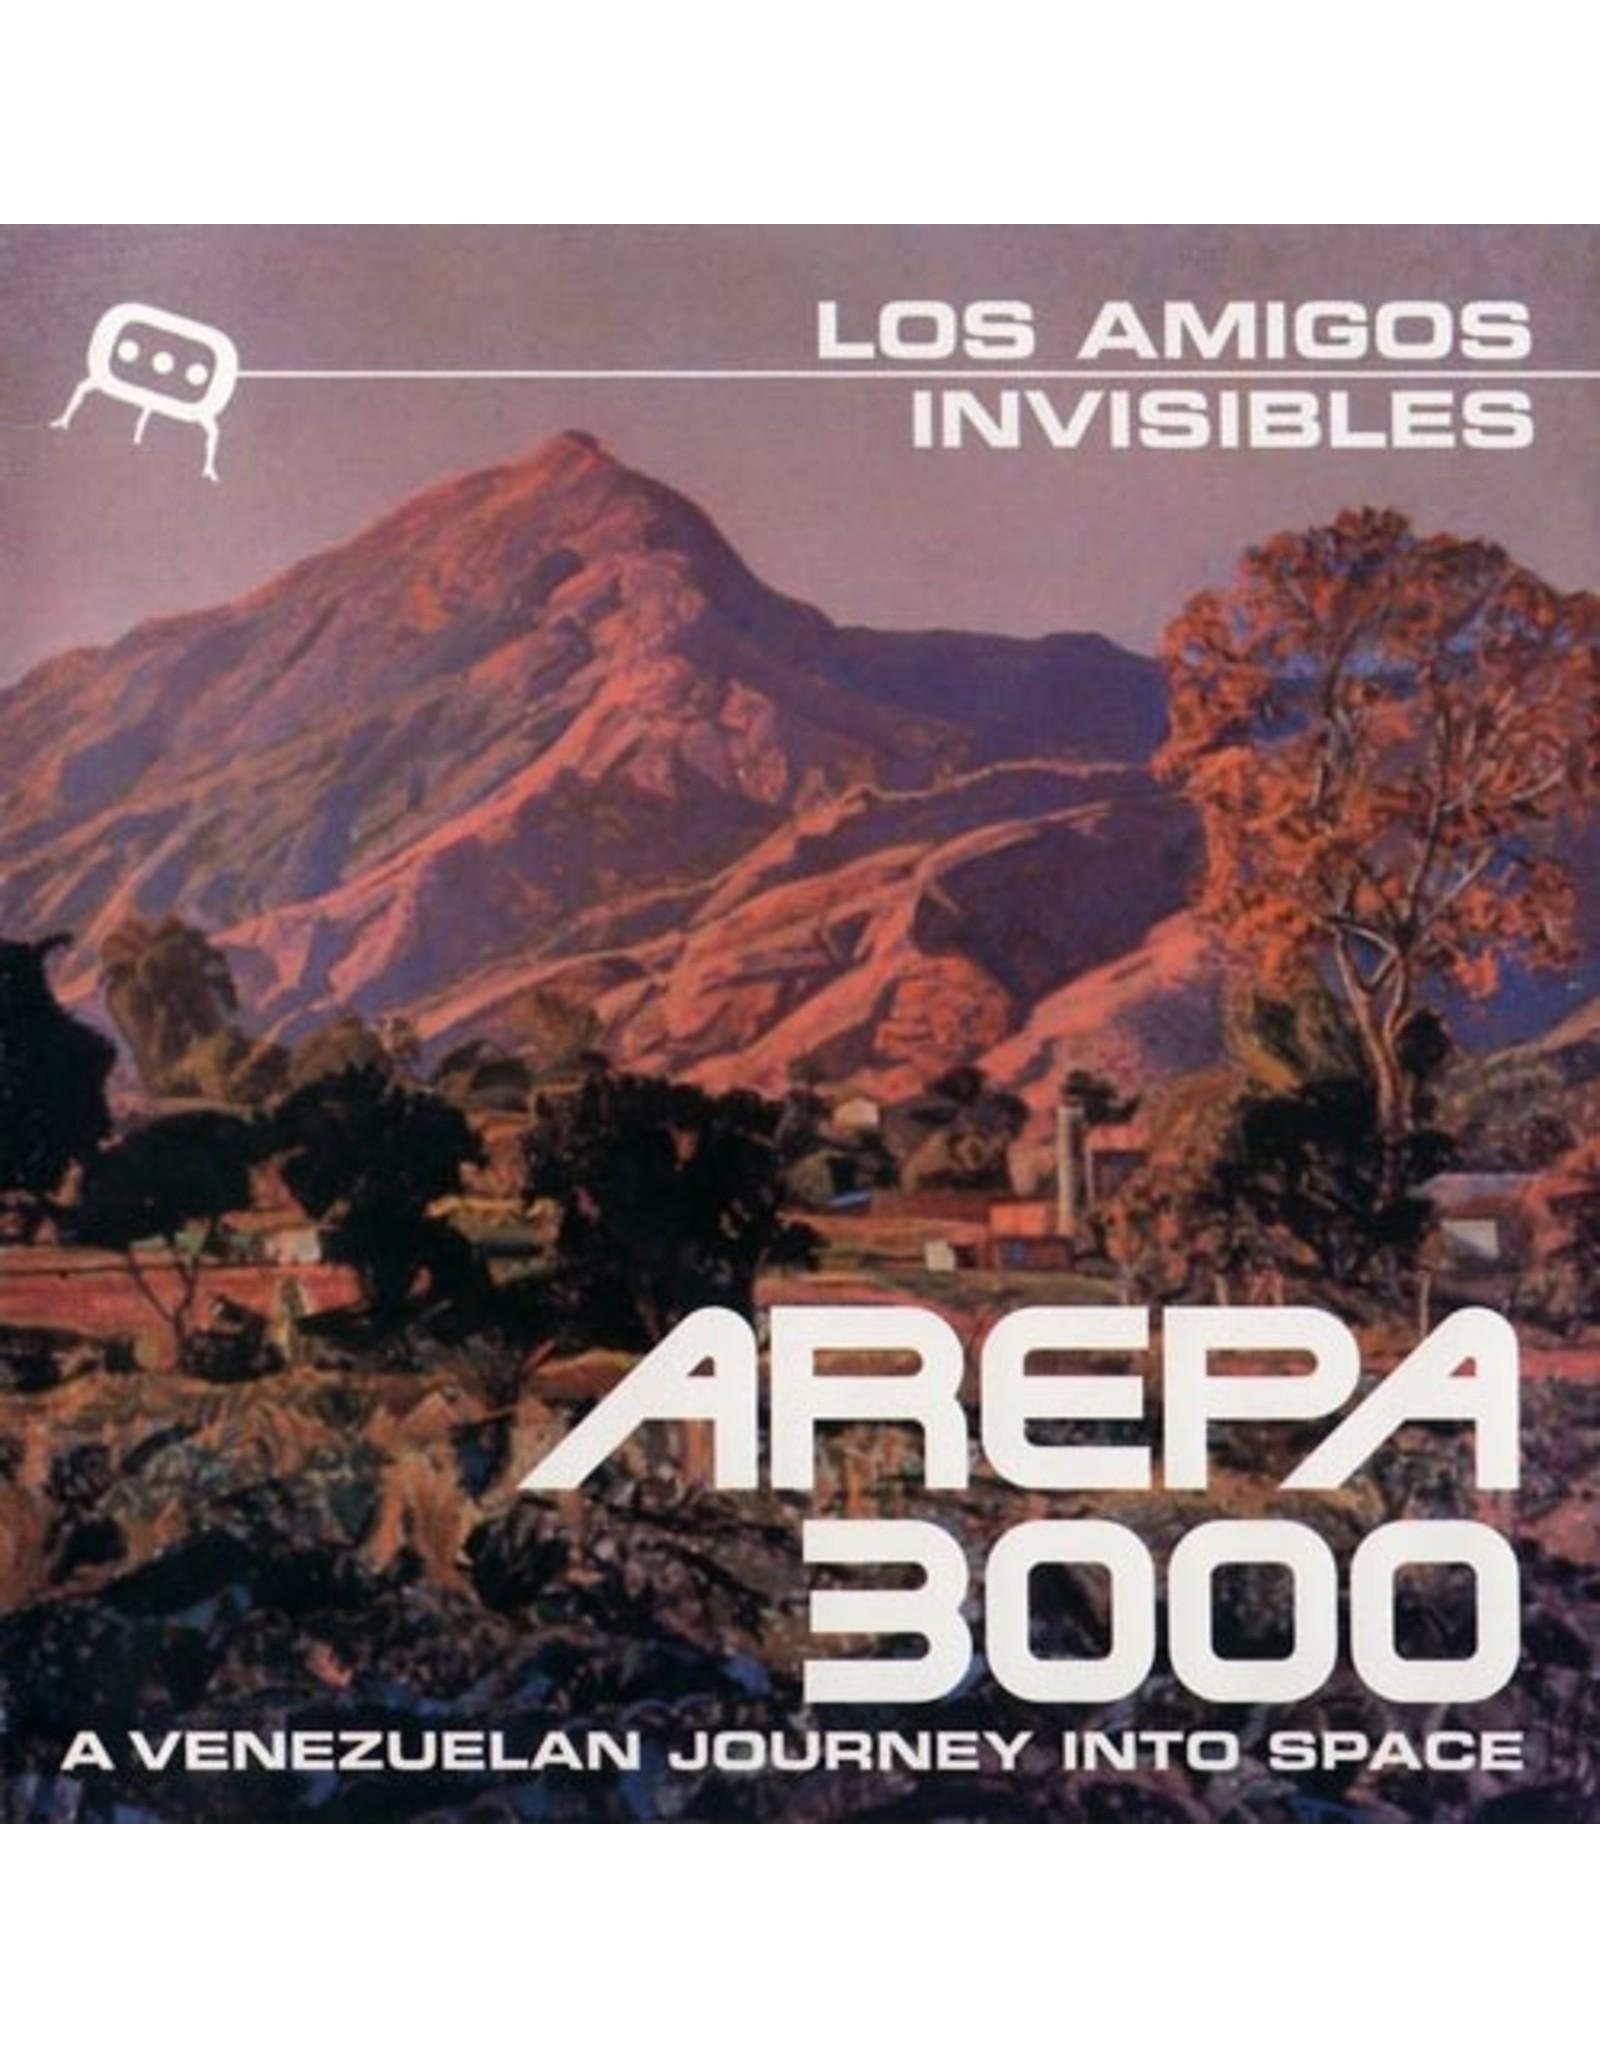 New Vinyl Los Amigos Invisibles - Arepa 3000 2LP